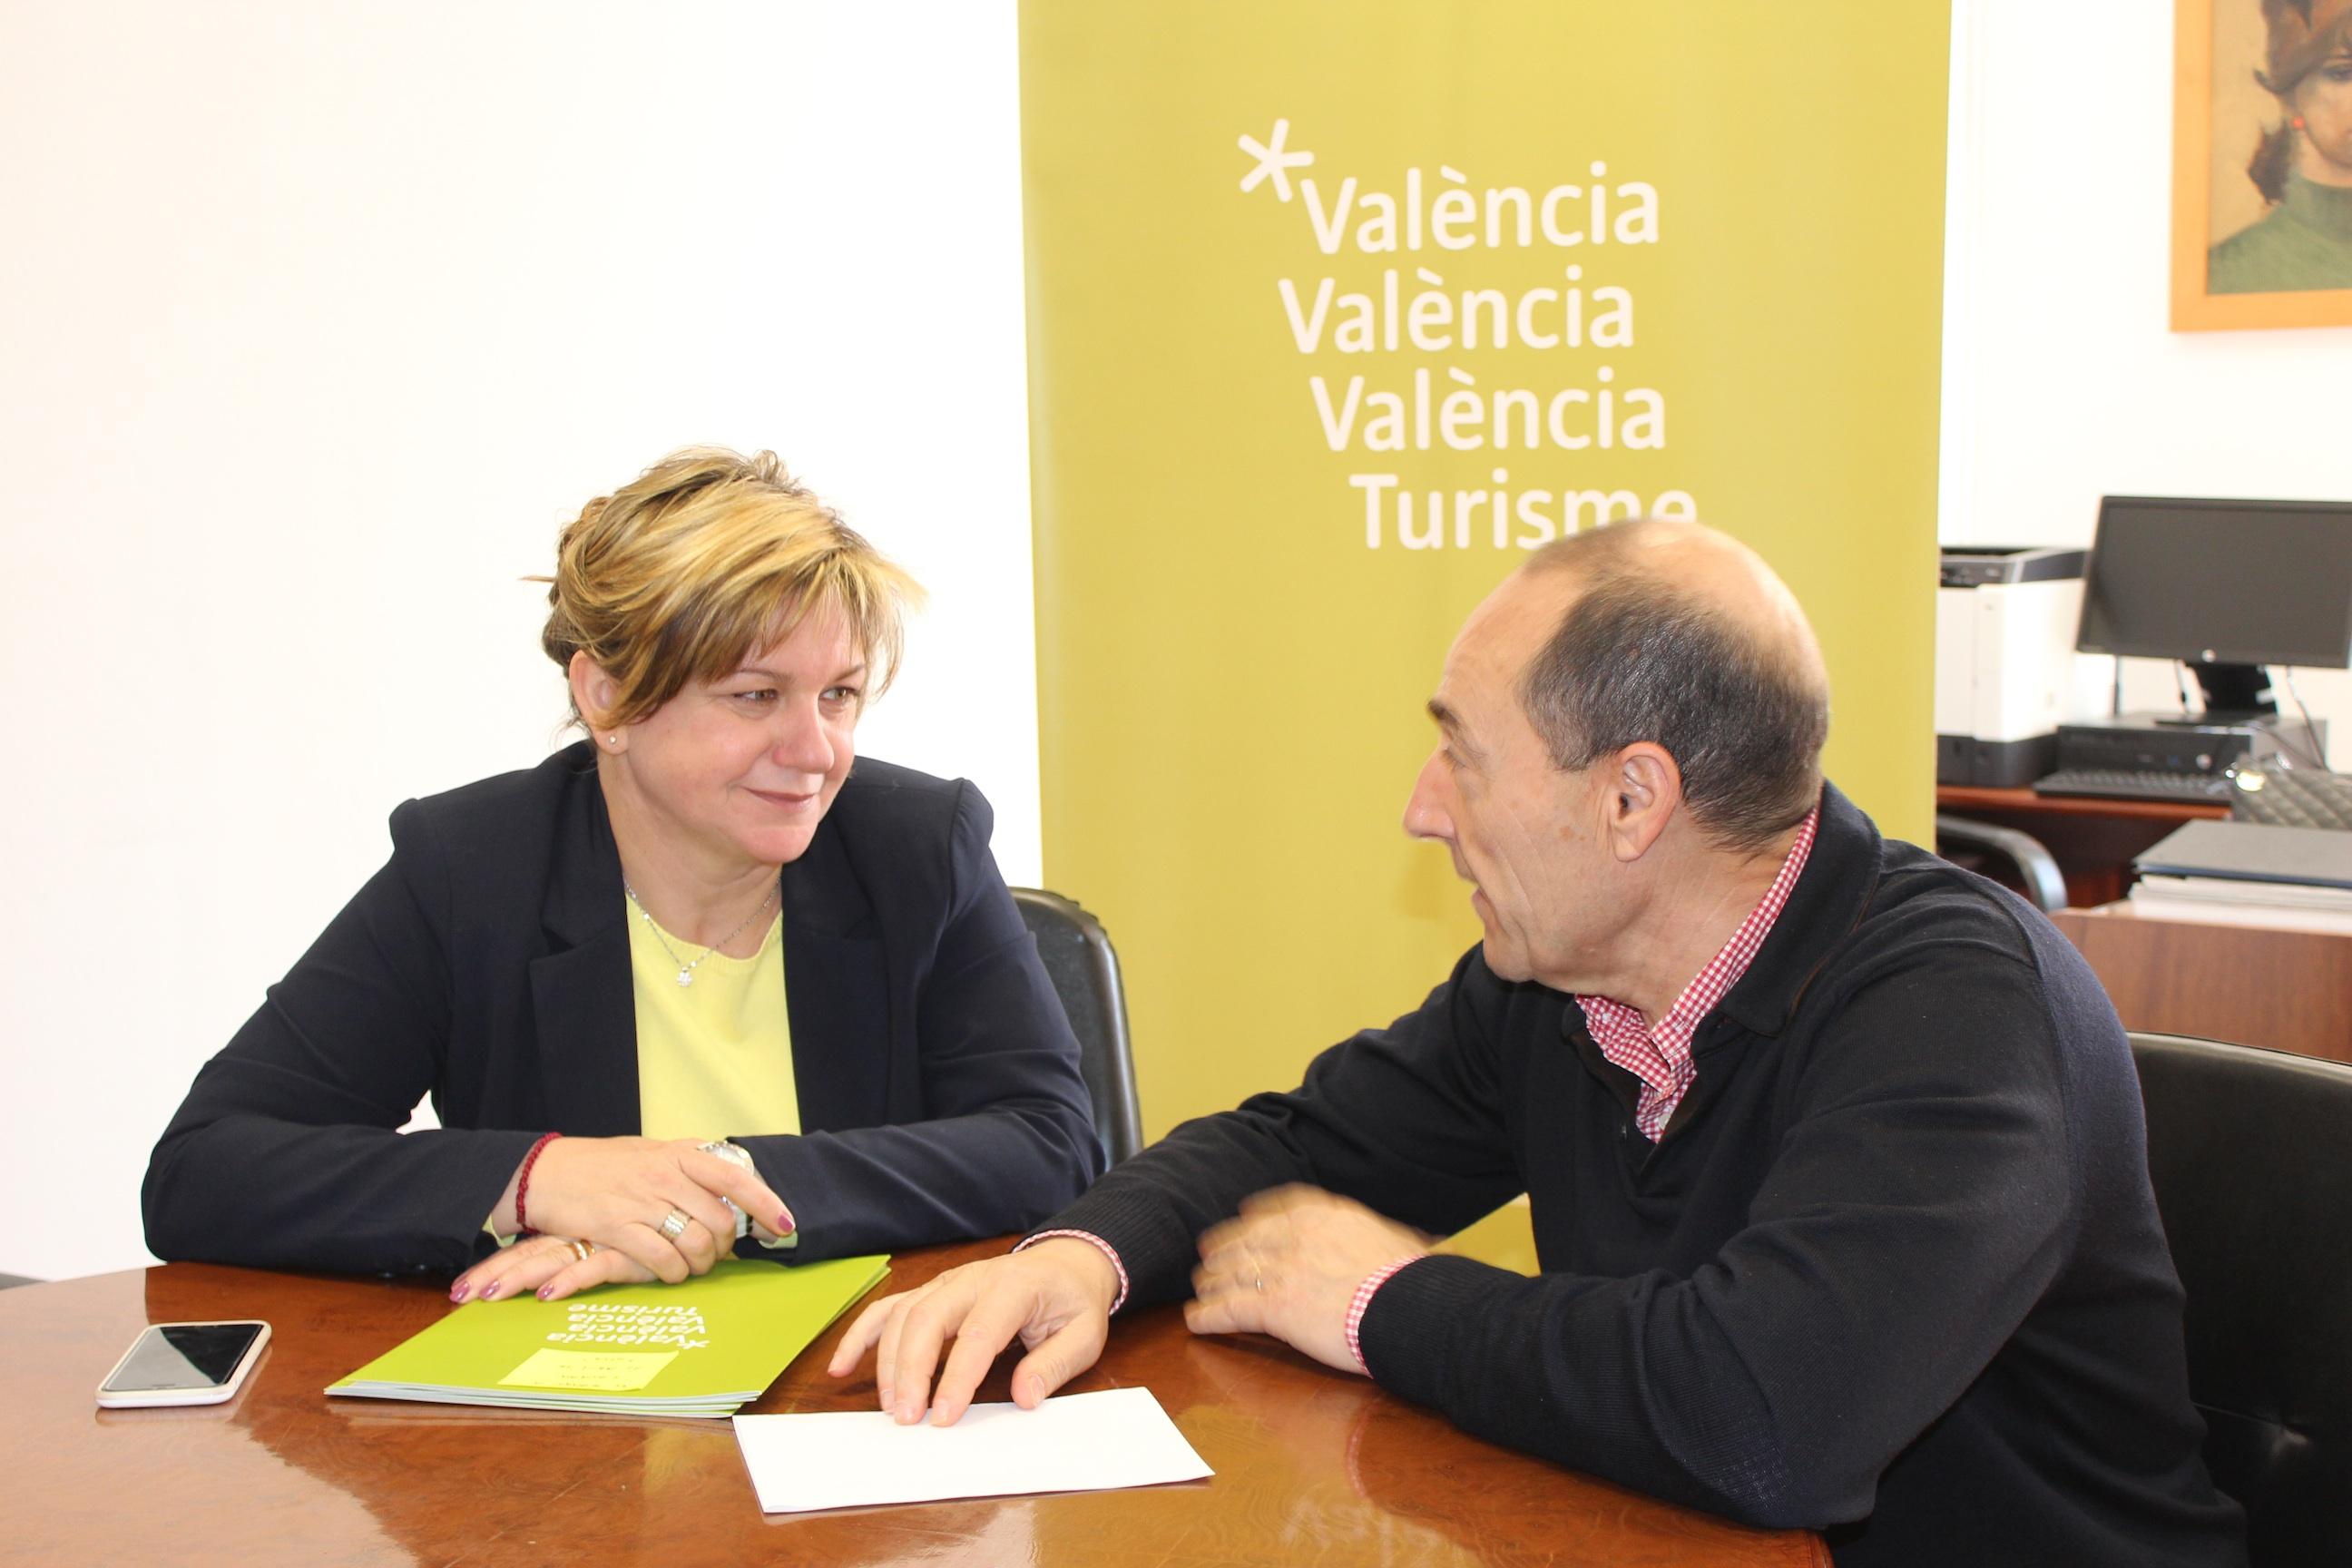 La diputada, Pilar Moncho, y el alcalde durante la reunión.